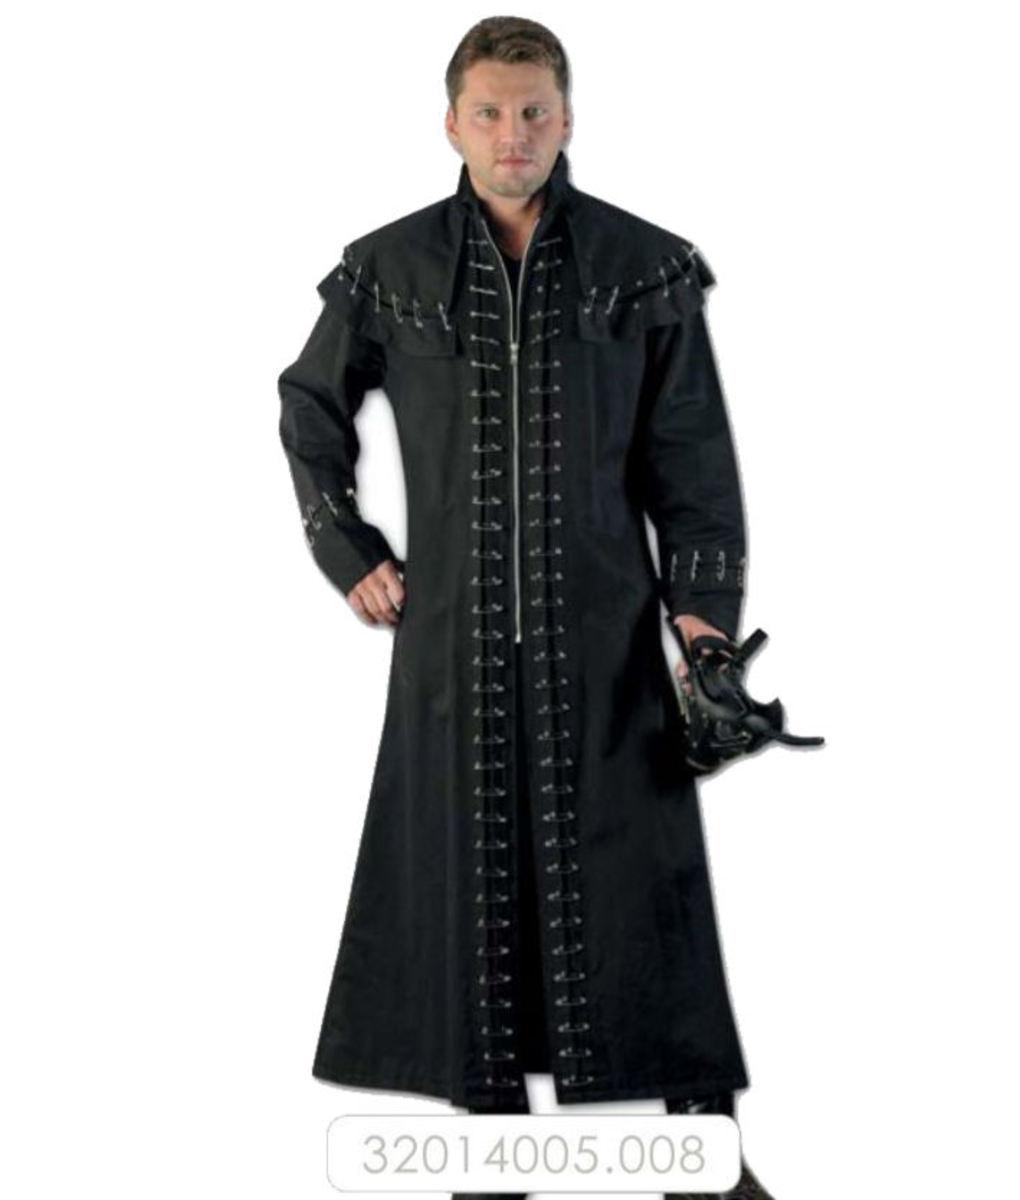 kabát pánsky ZOELIBAT - 32014005.008